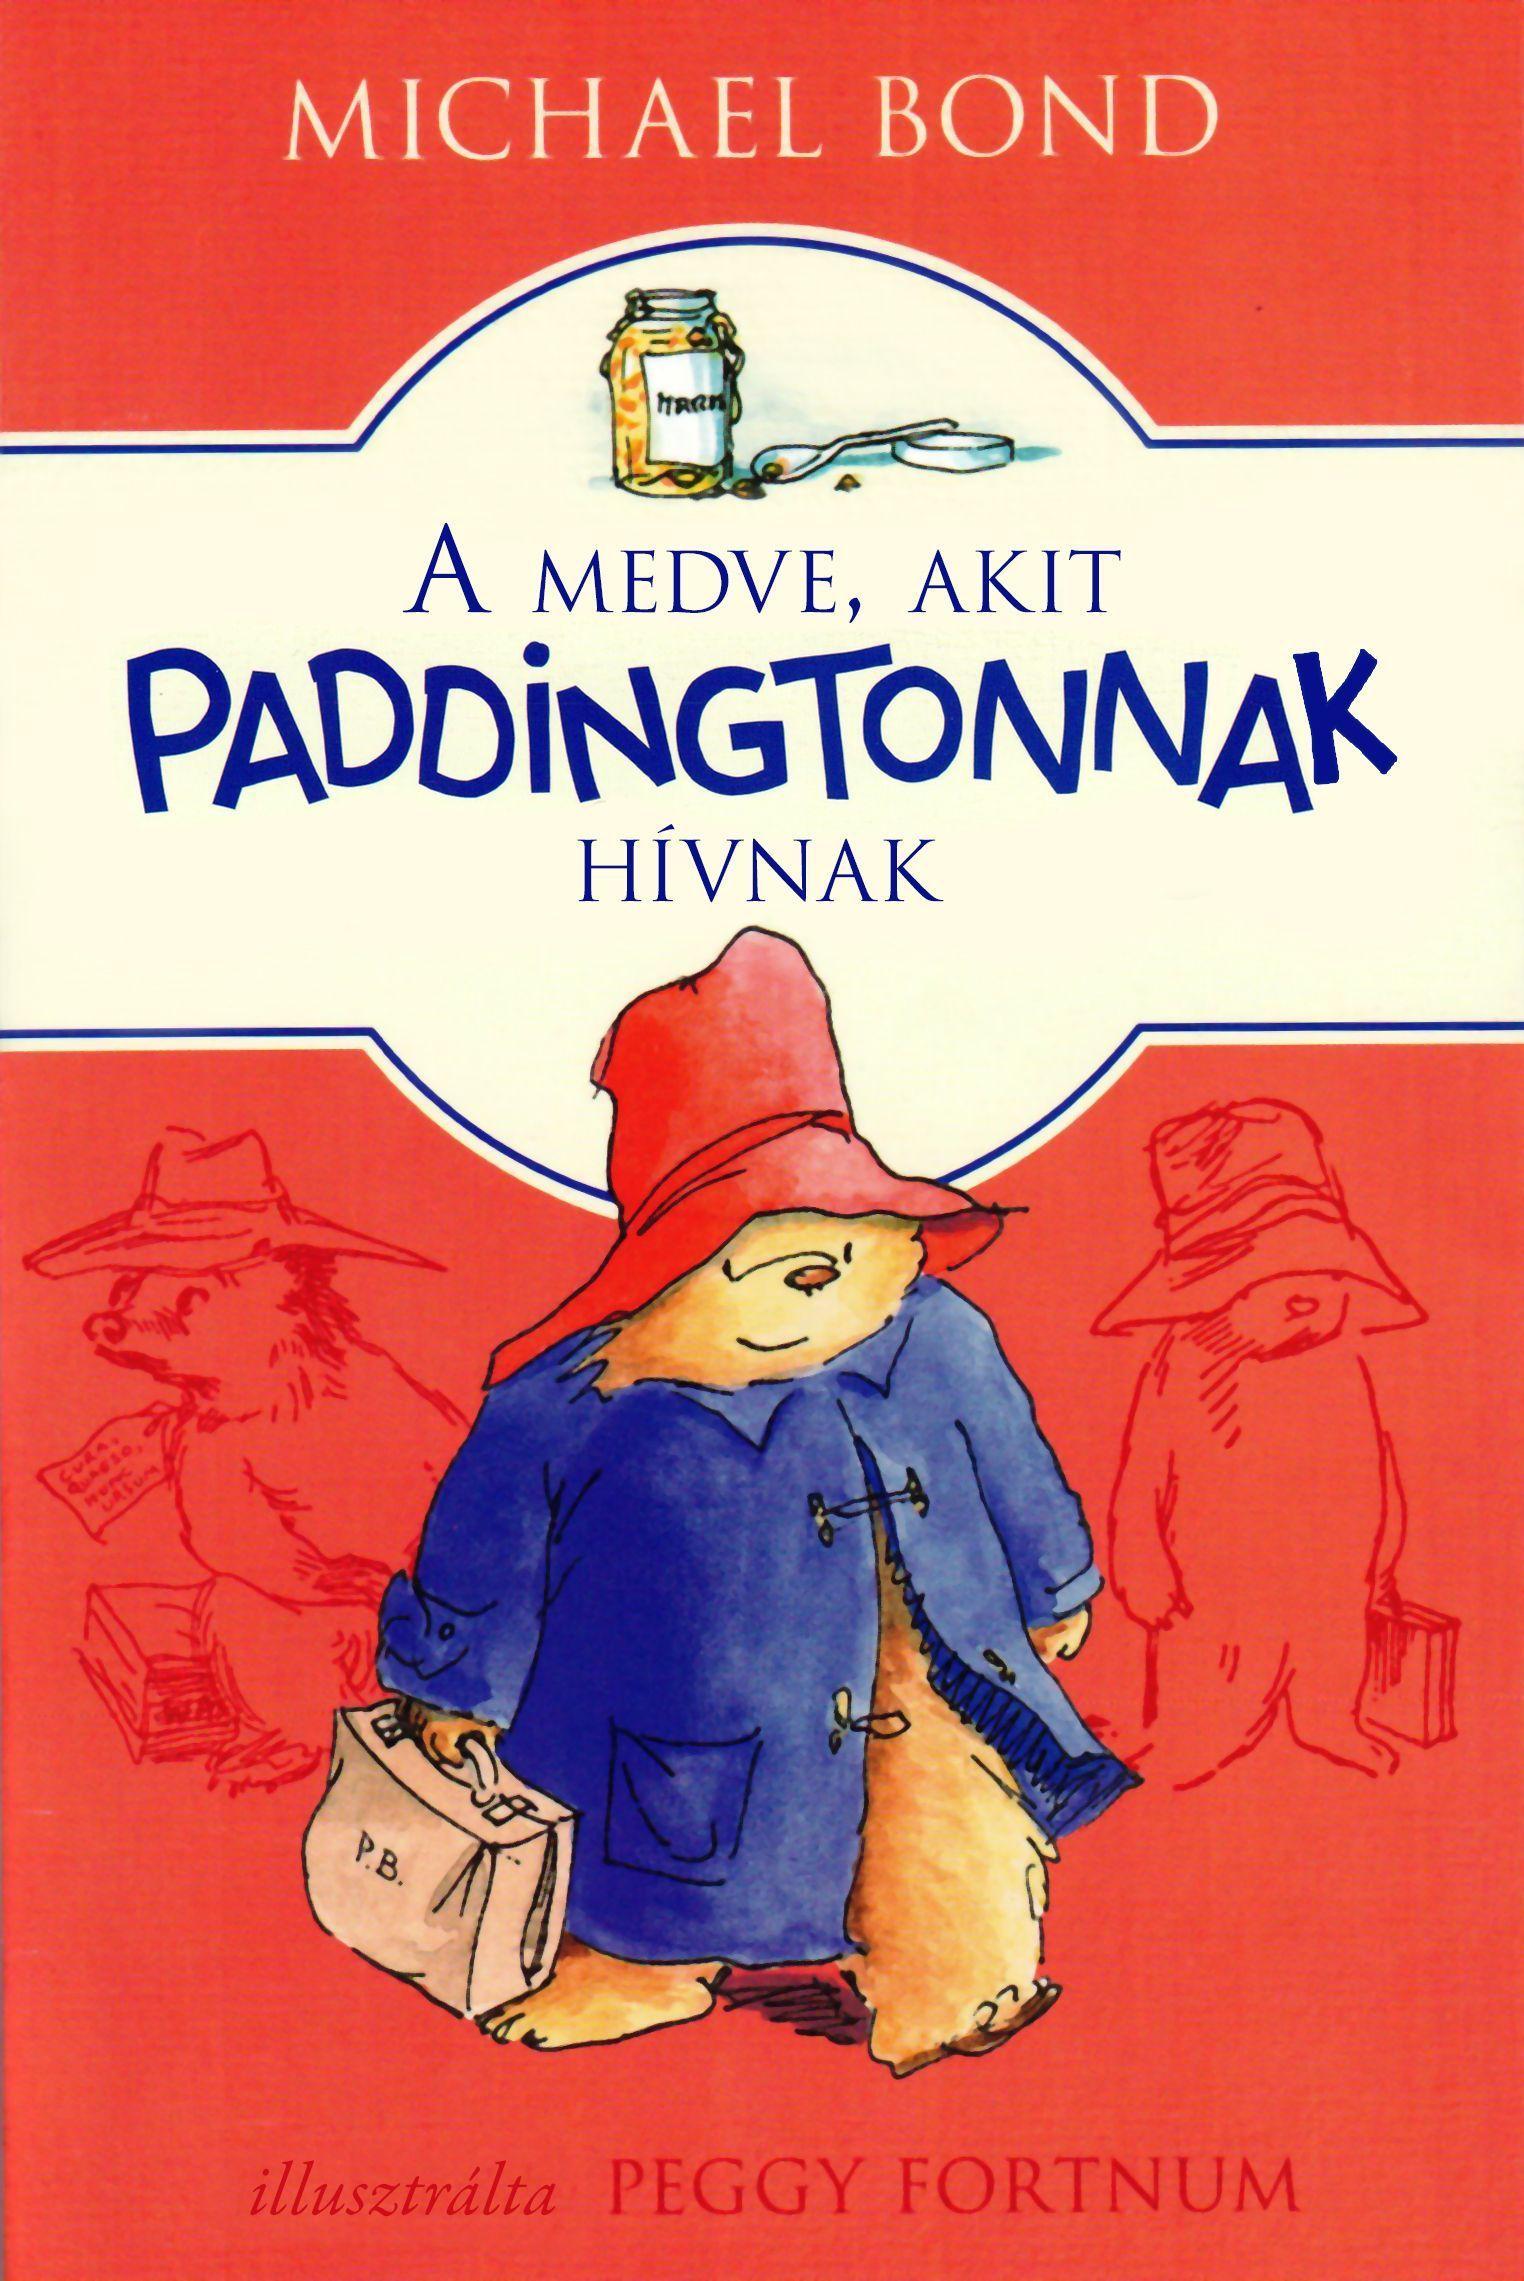 A medve, akit Paddingtonnak hívnak - Új, átdolgozott kiadás